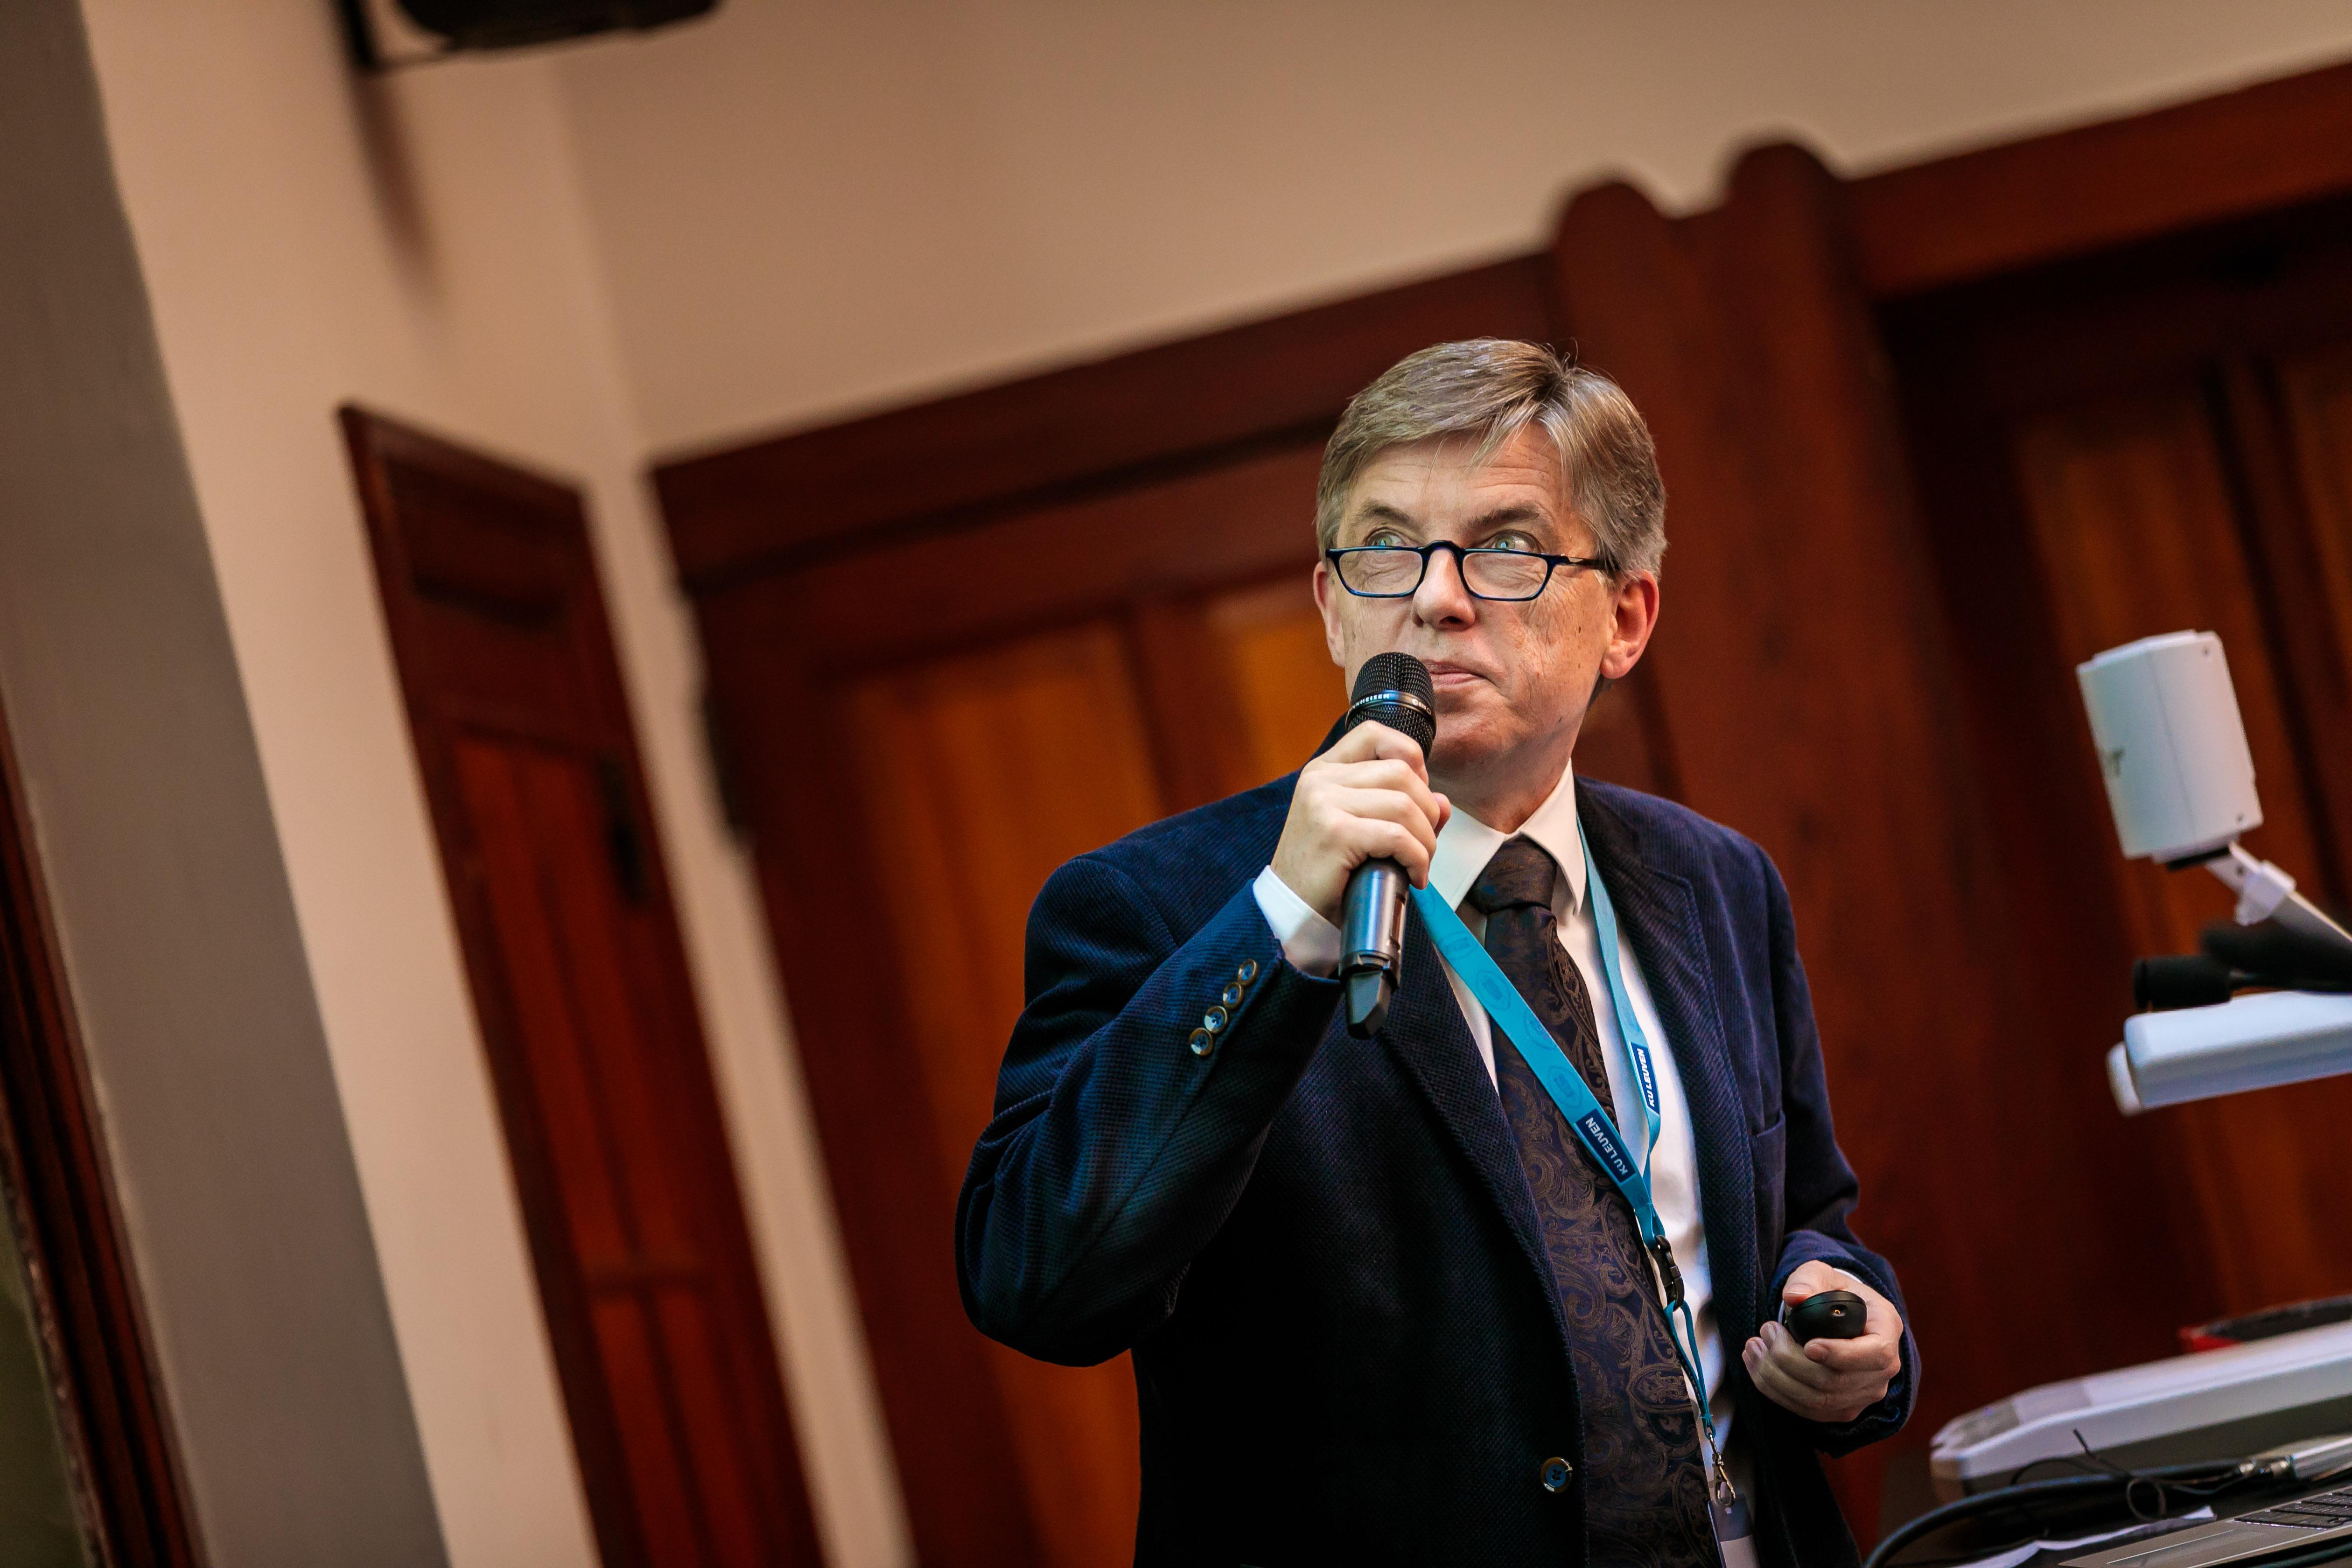 Marcin Sadowski (EC, EASMA) (credits image: Nicolas Herbots)